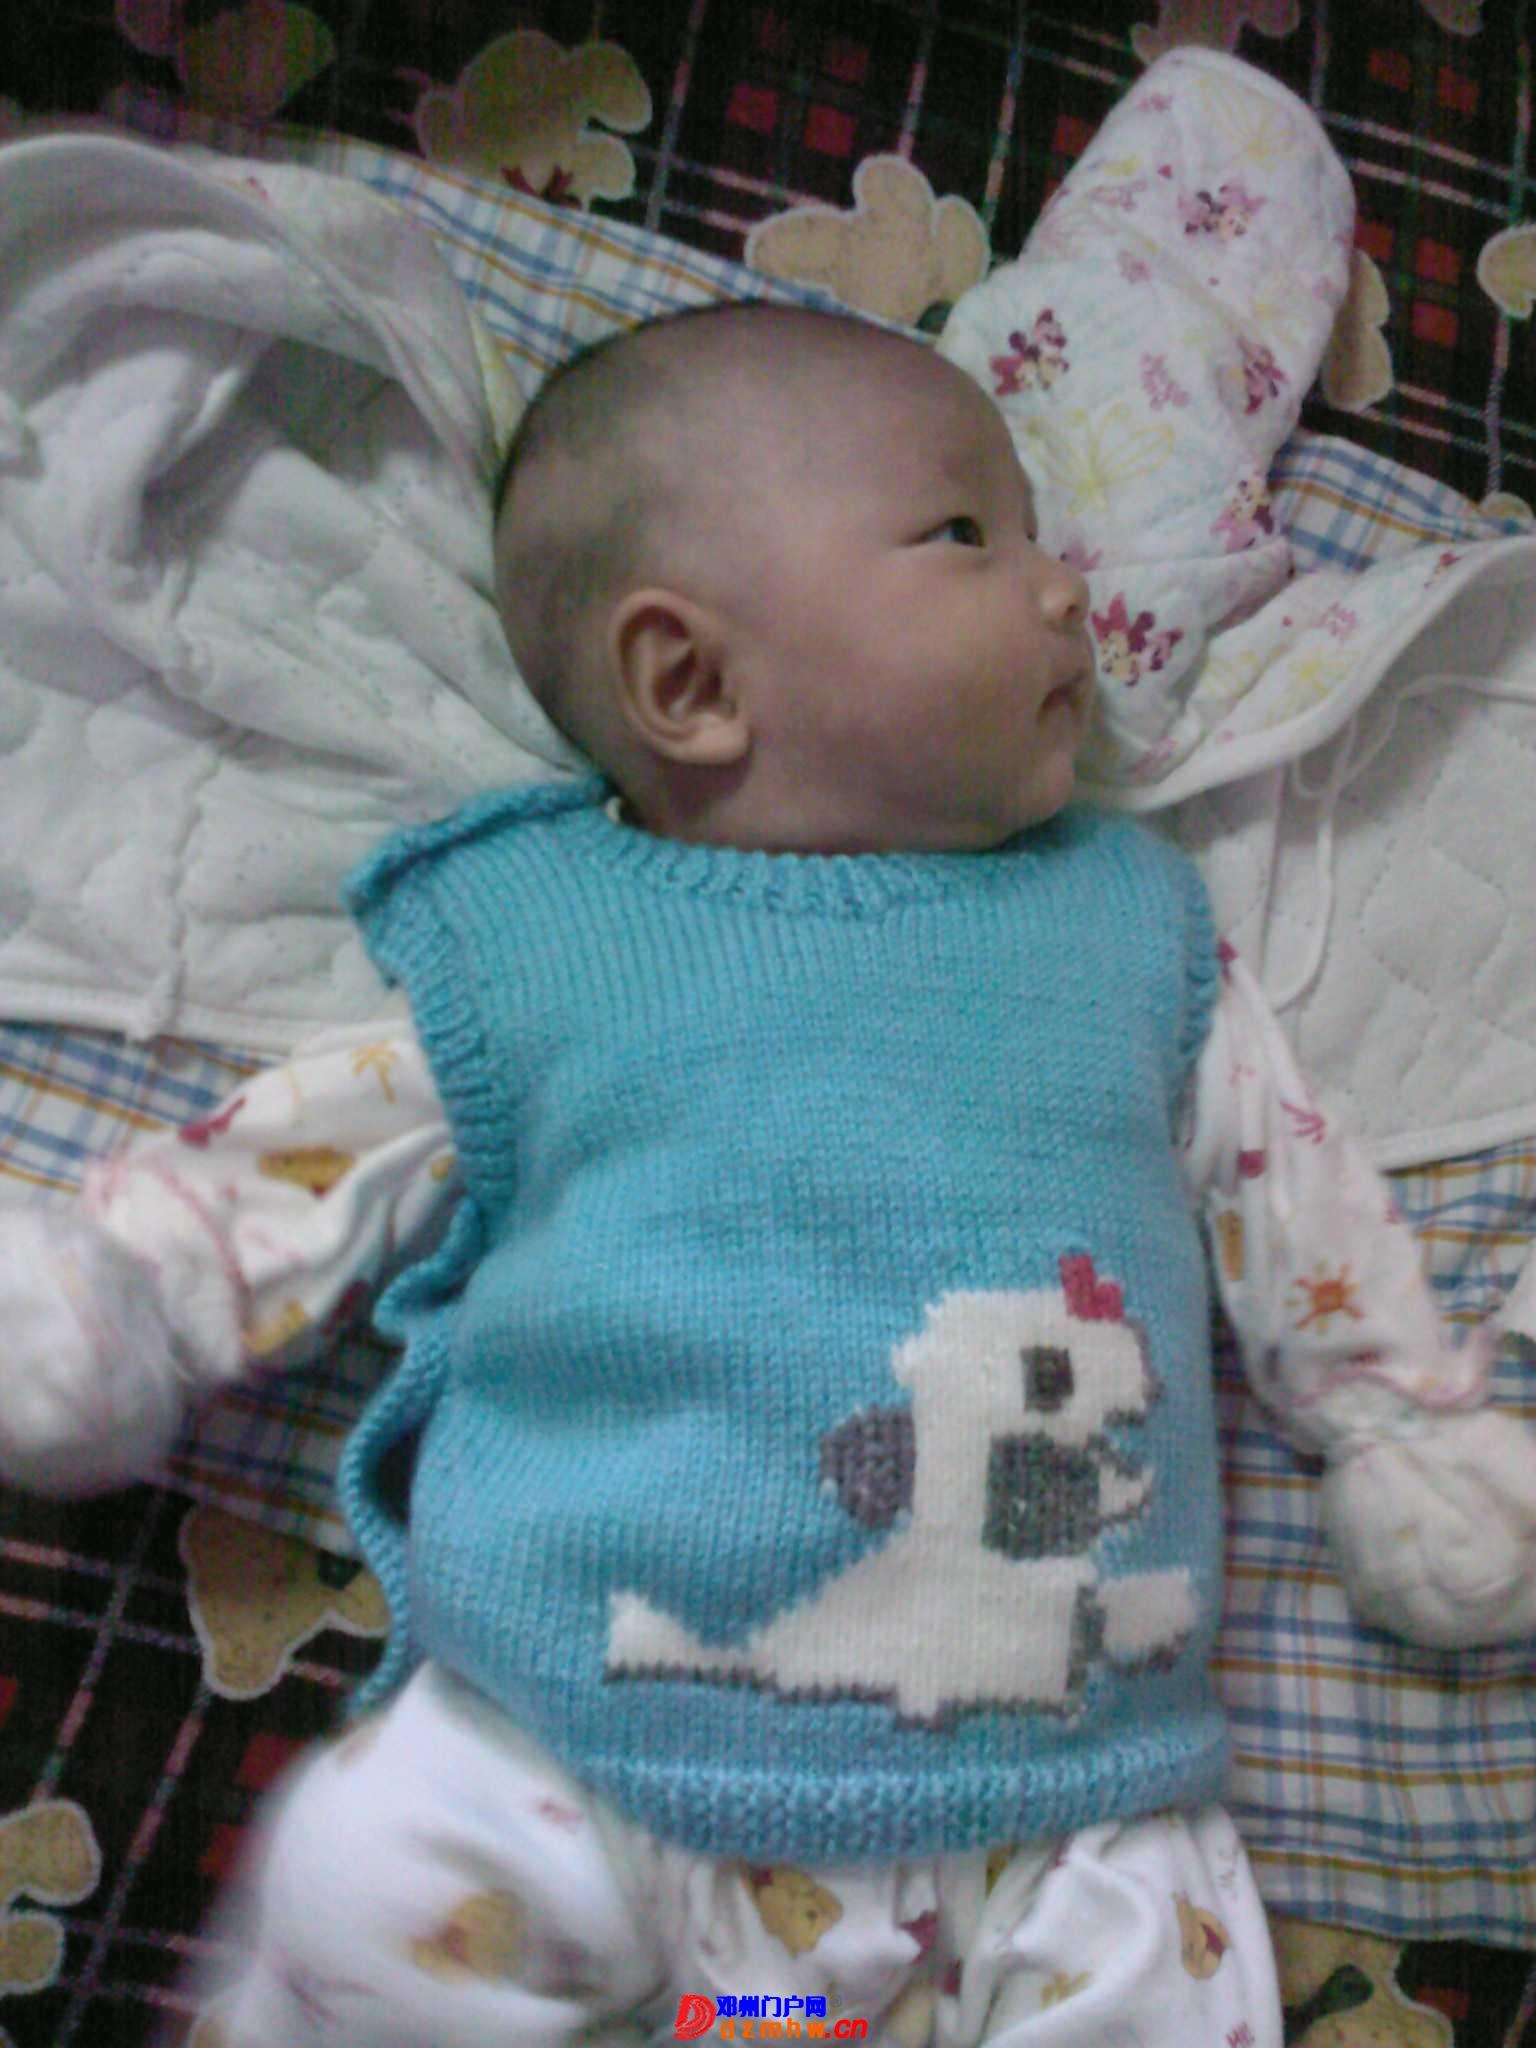 我的宝宝四十六天了,来晒一晒,看谁认识,呵呵 - 邓州门户网 邓州网 - 1b01958q15ef8.jpg